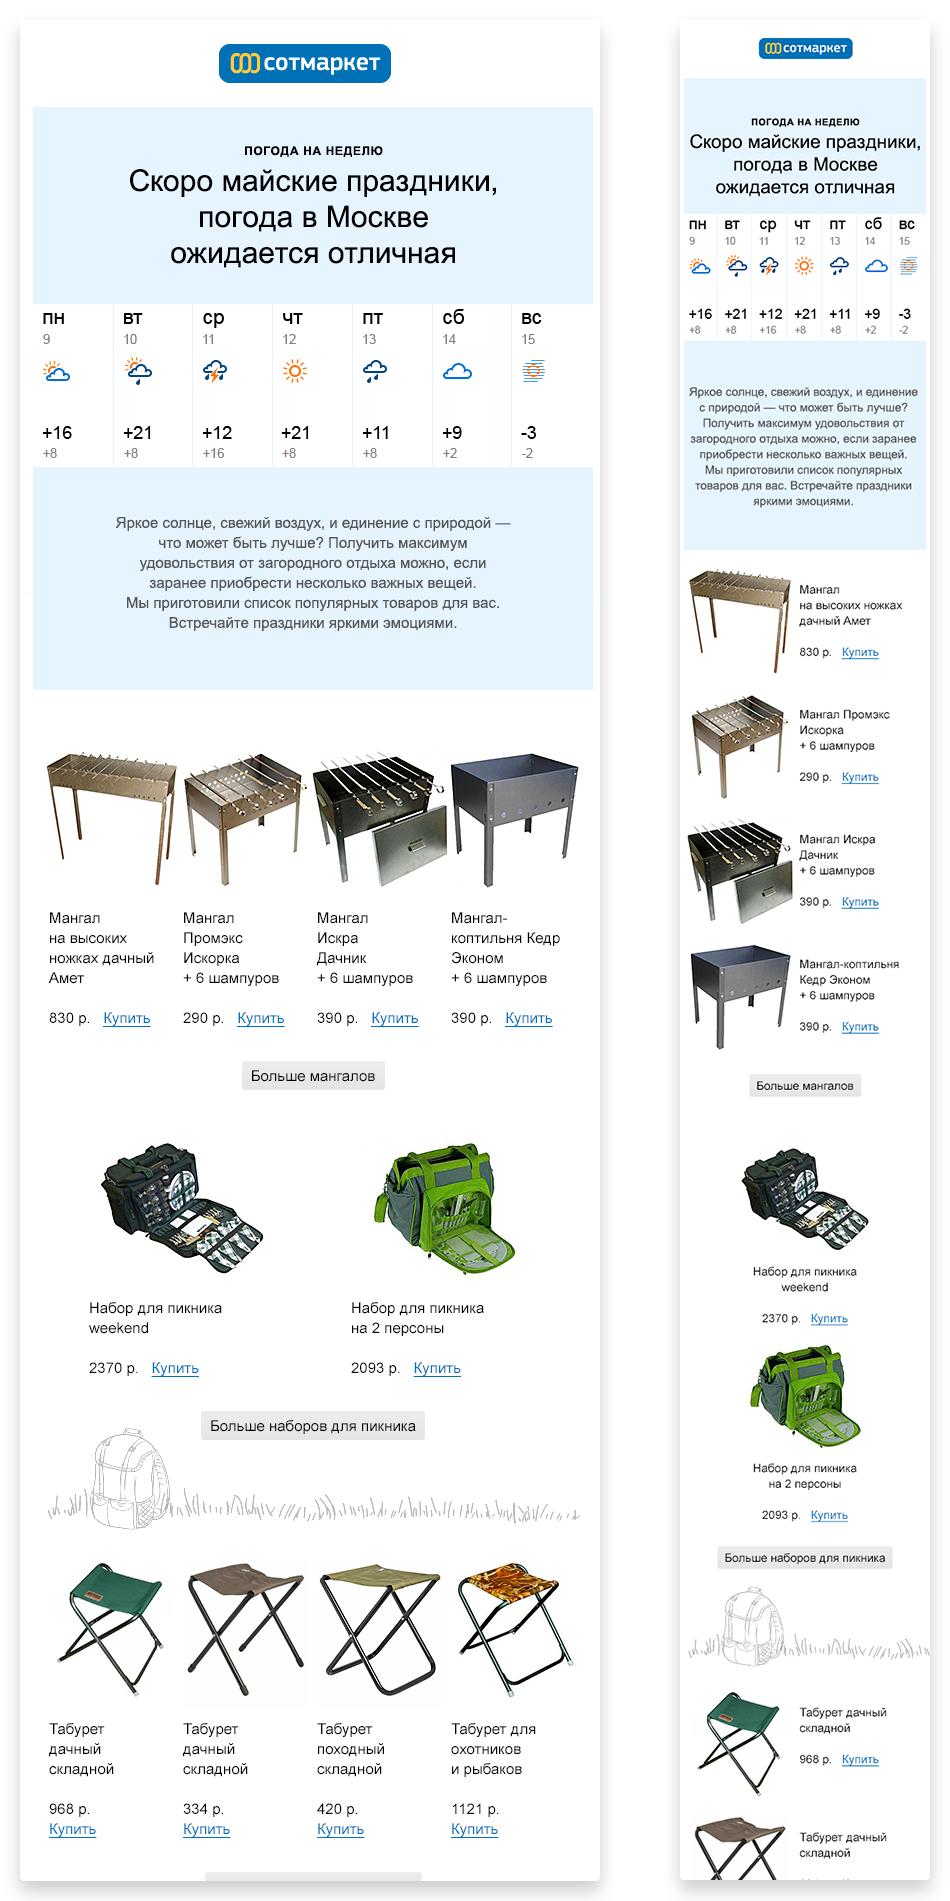 Эволюция маркетинга: от маленького интернет-магазина до гипермаркета - 13